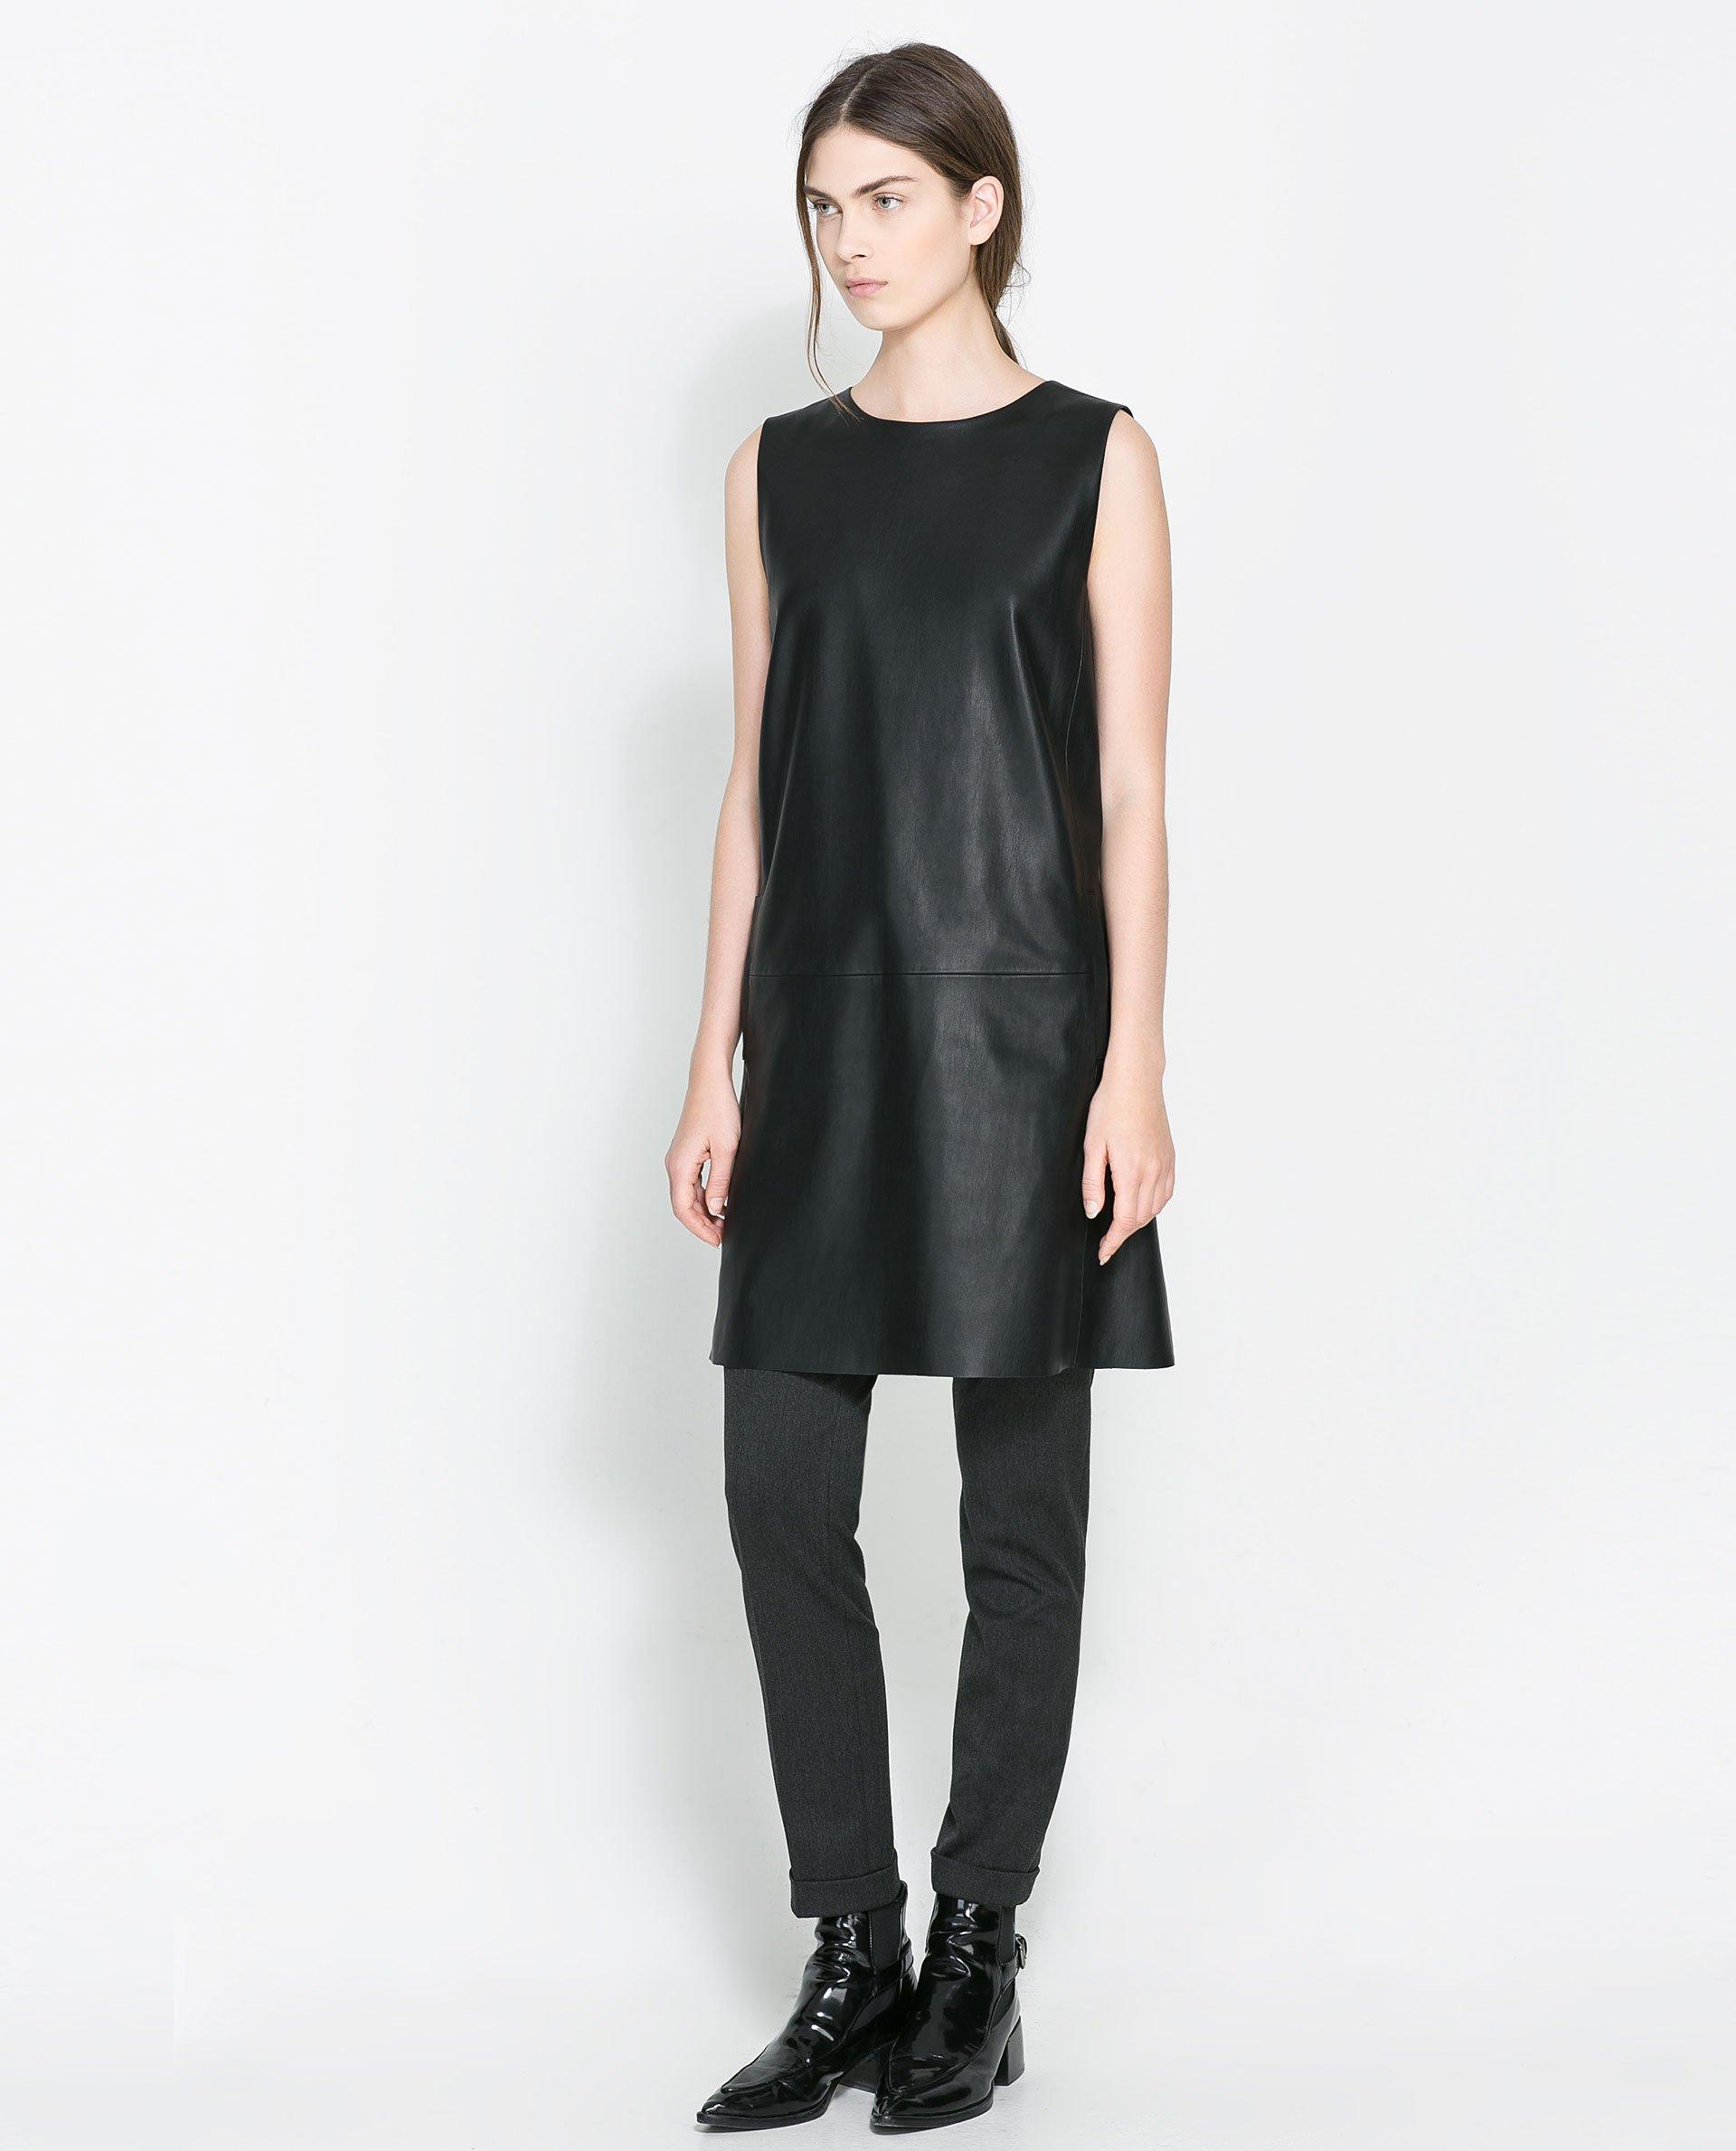 Zara Faux Leather Dress in Black